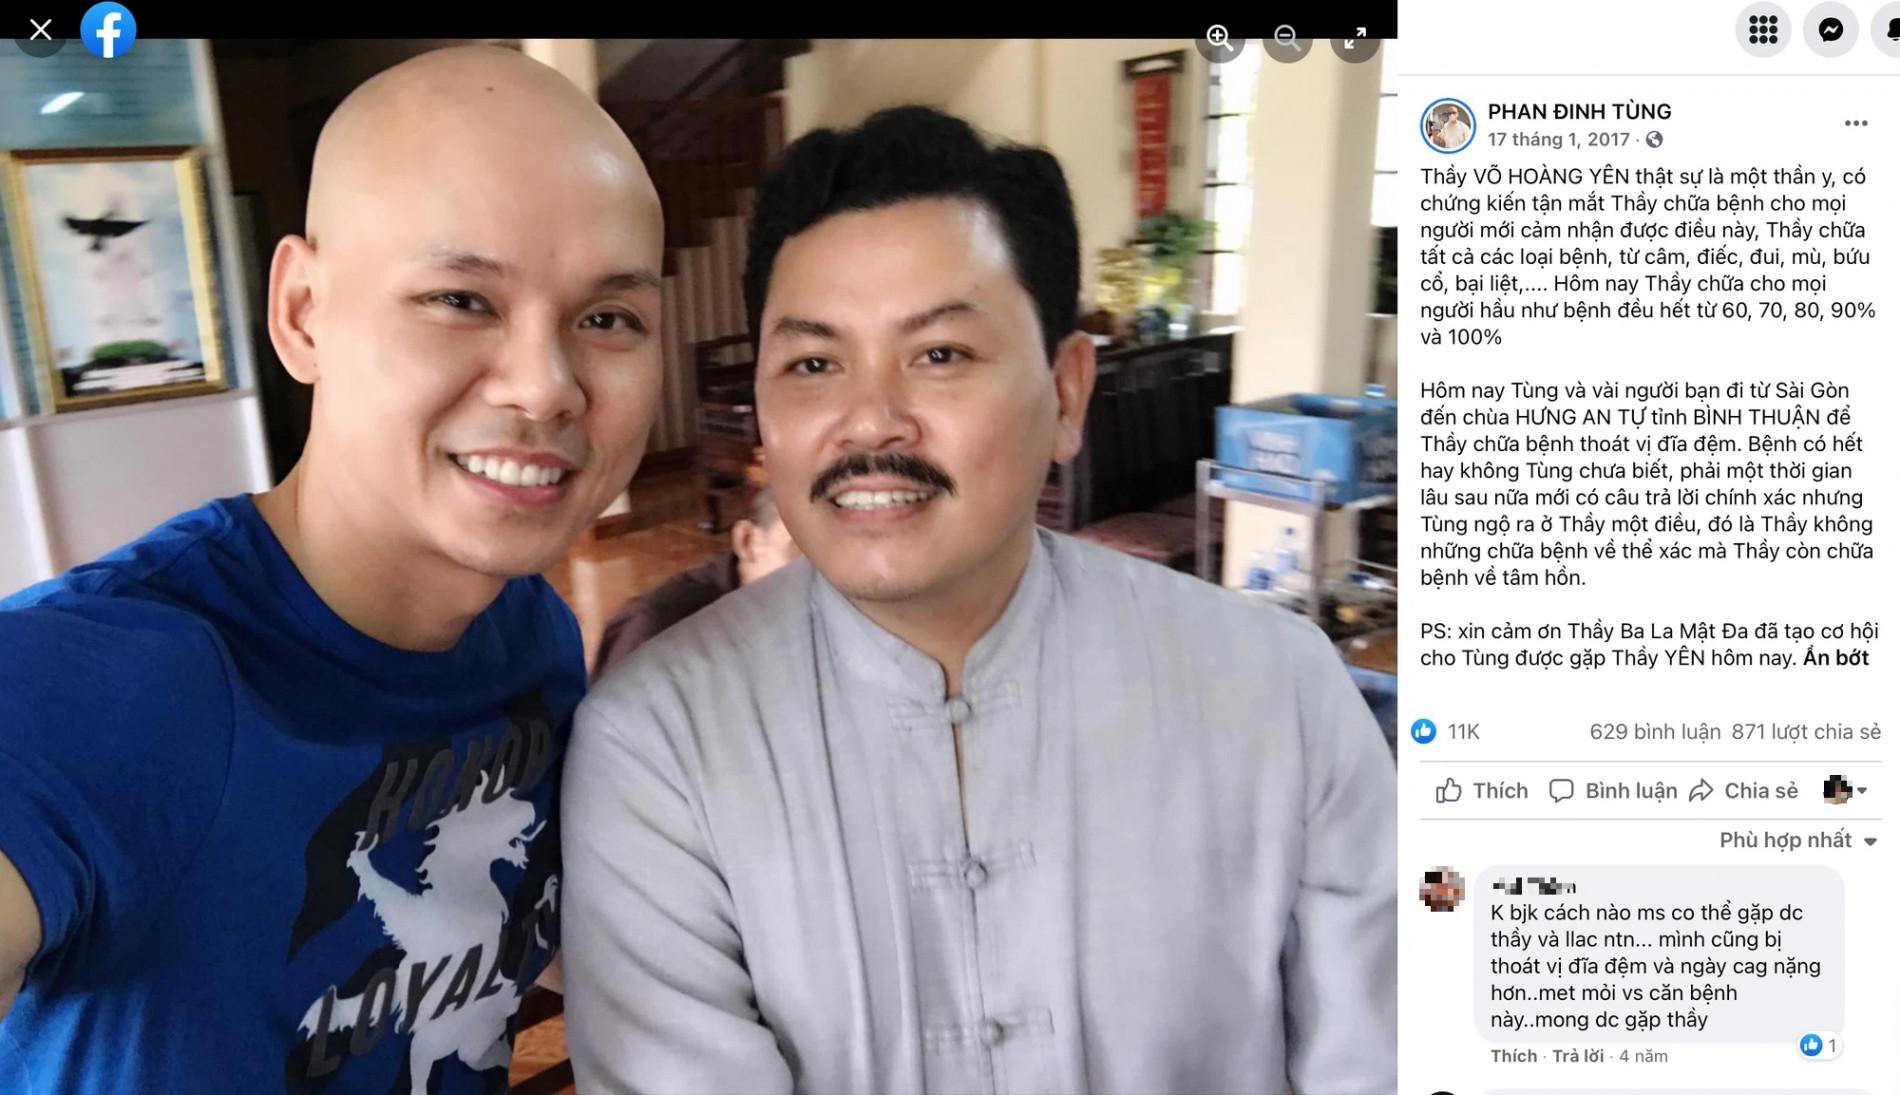 Rộ ảnh nghi vấn Phan Đinh Tùng đang được thần y Võ Hoàng Yên chữa thoát vị đĩa đệm, còn khen rối rít trên Facebook? - Ảnh 3.